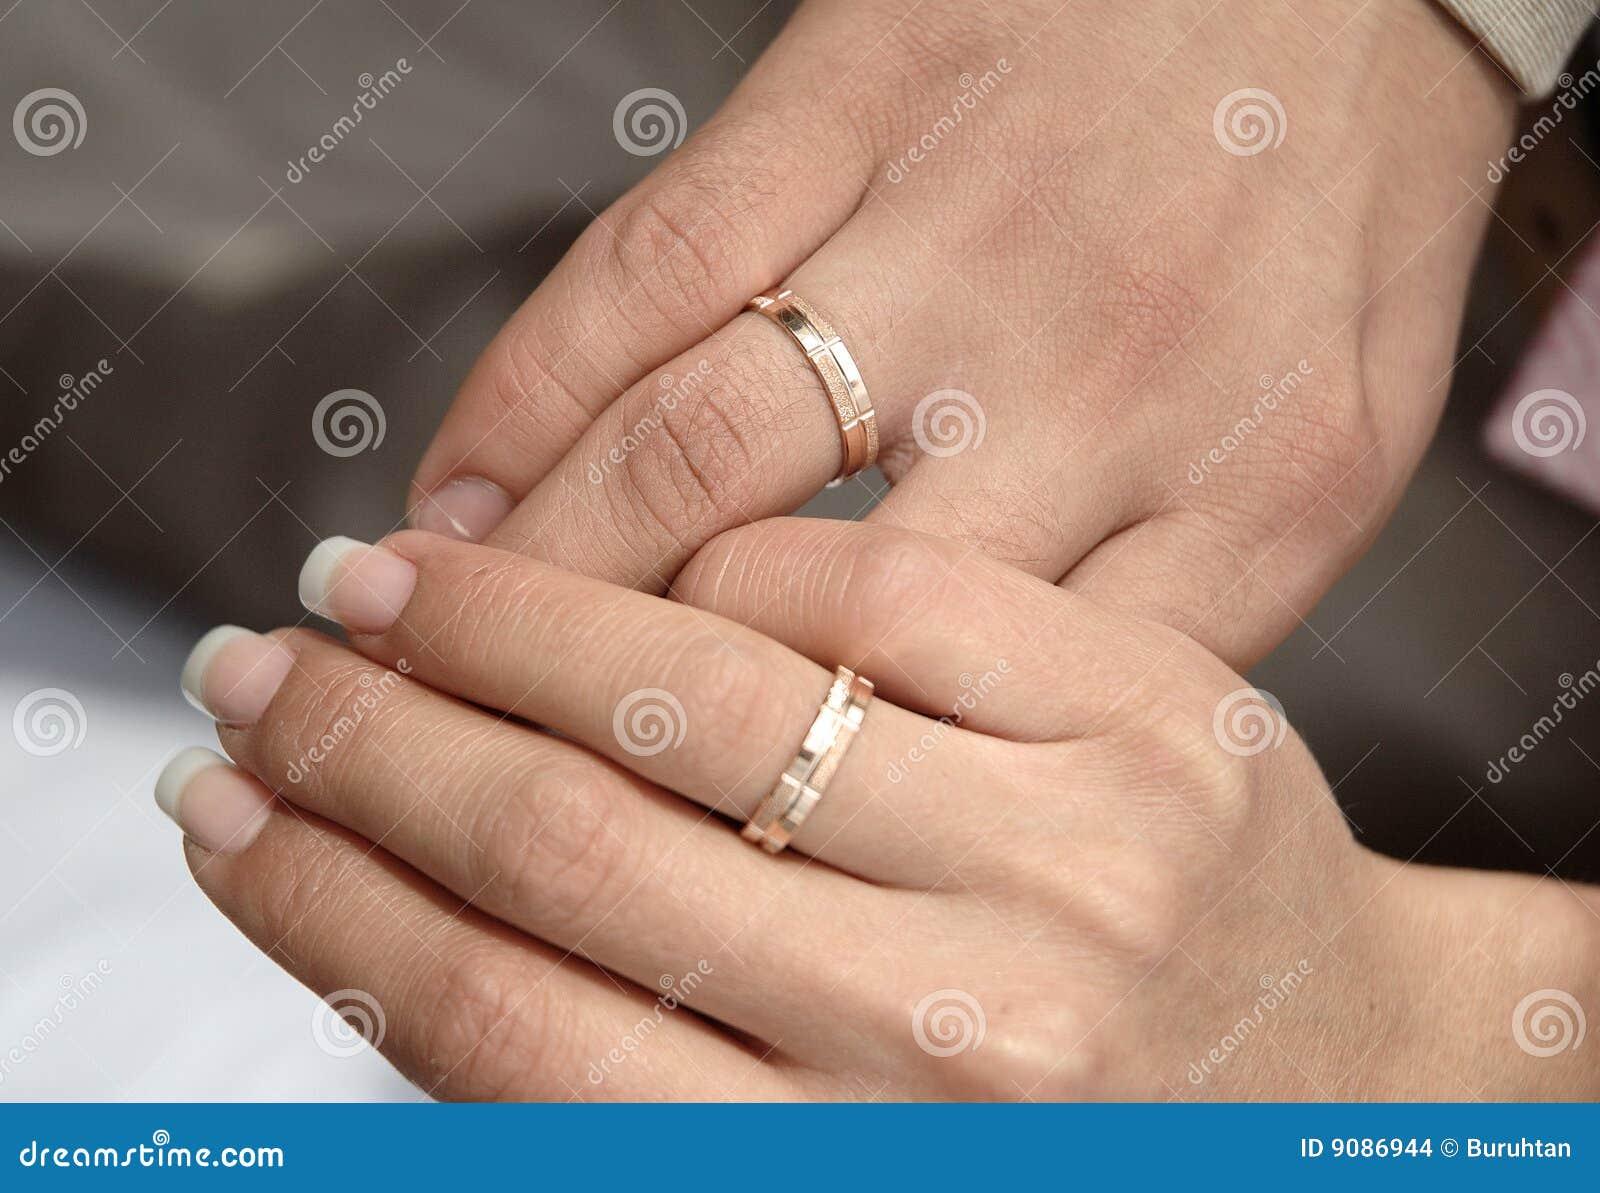 Обручальное кольцо на своей руке во сне 202